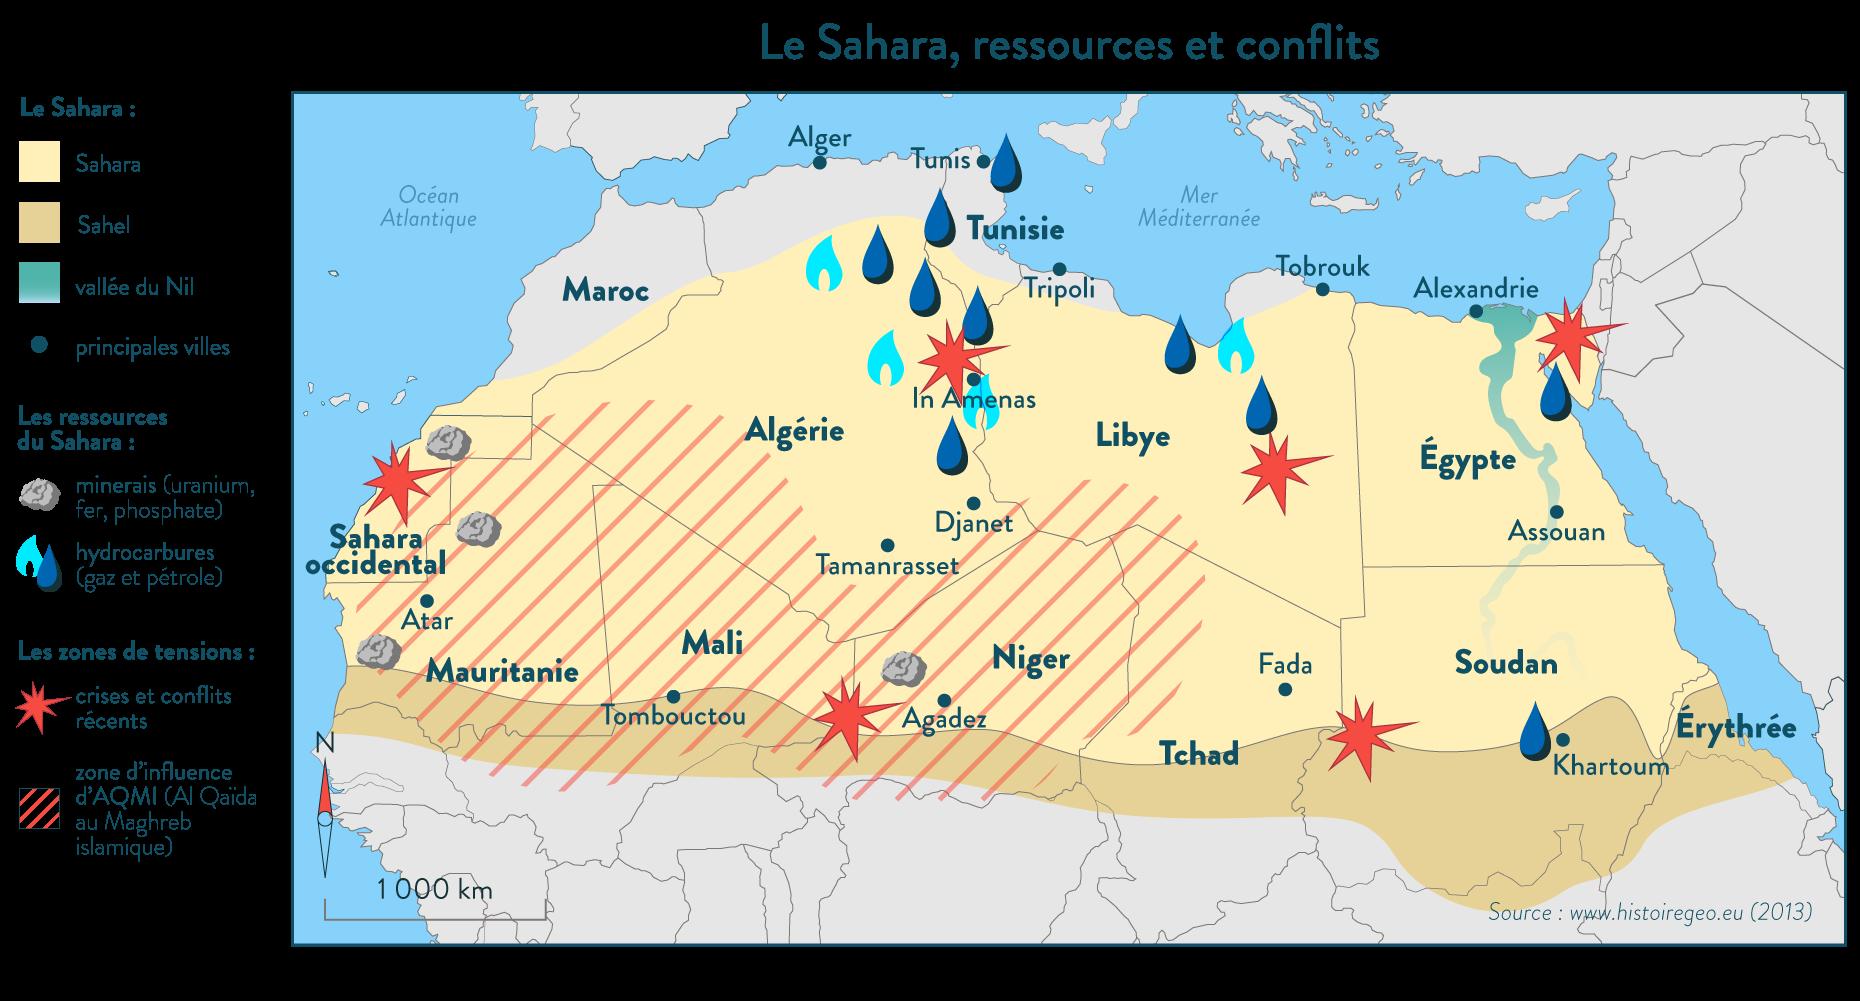 sahara ressources conflits